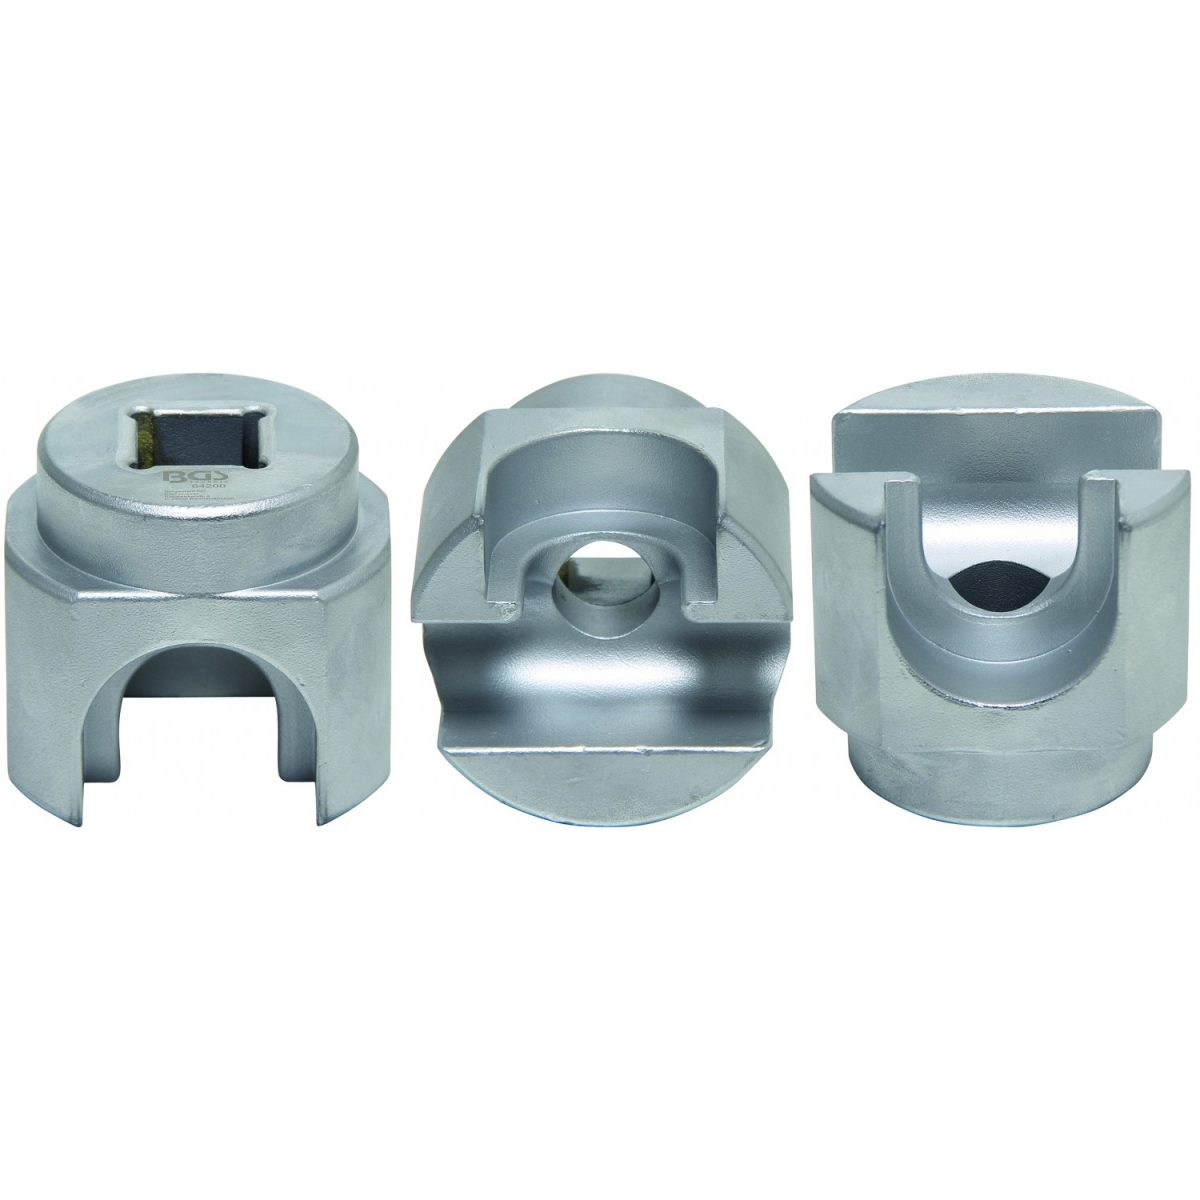 CNG Cylinder Valve Wrench for Fiat Multipla I (64200)